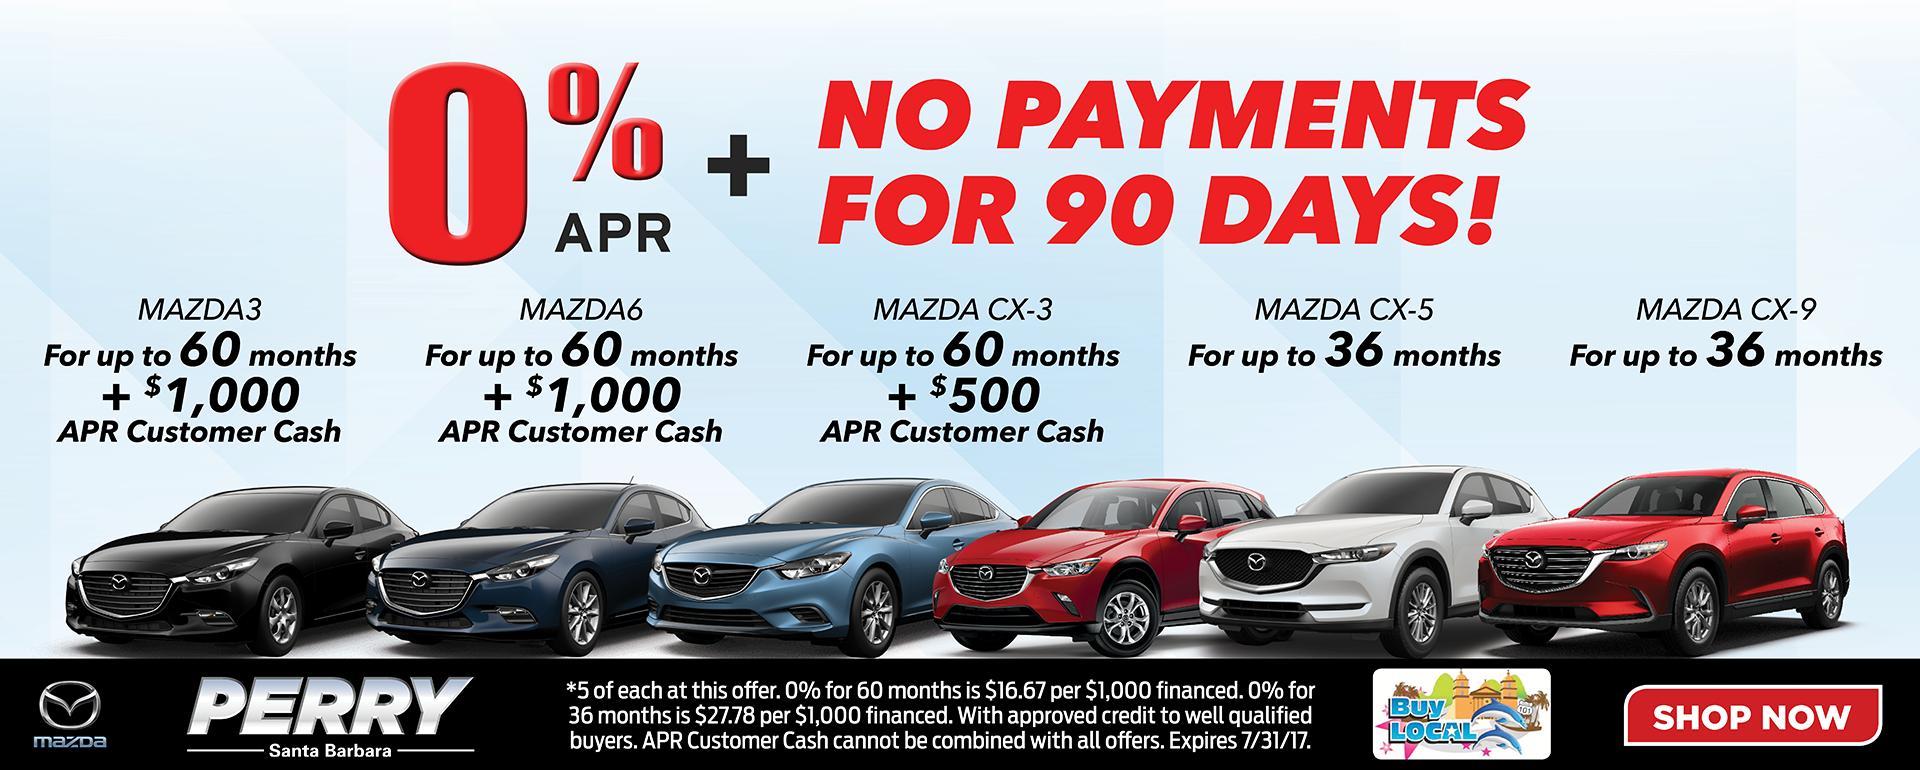 Perry Mazda APR Specials